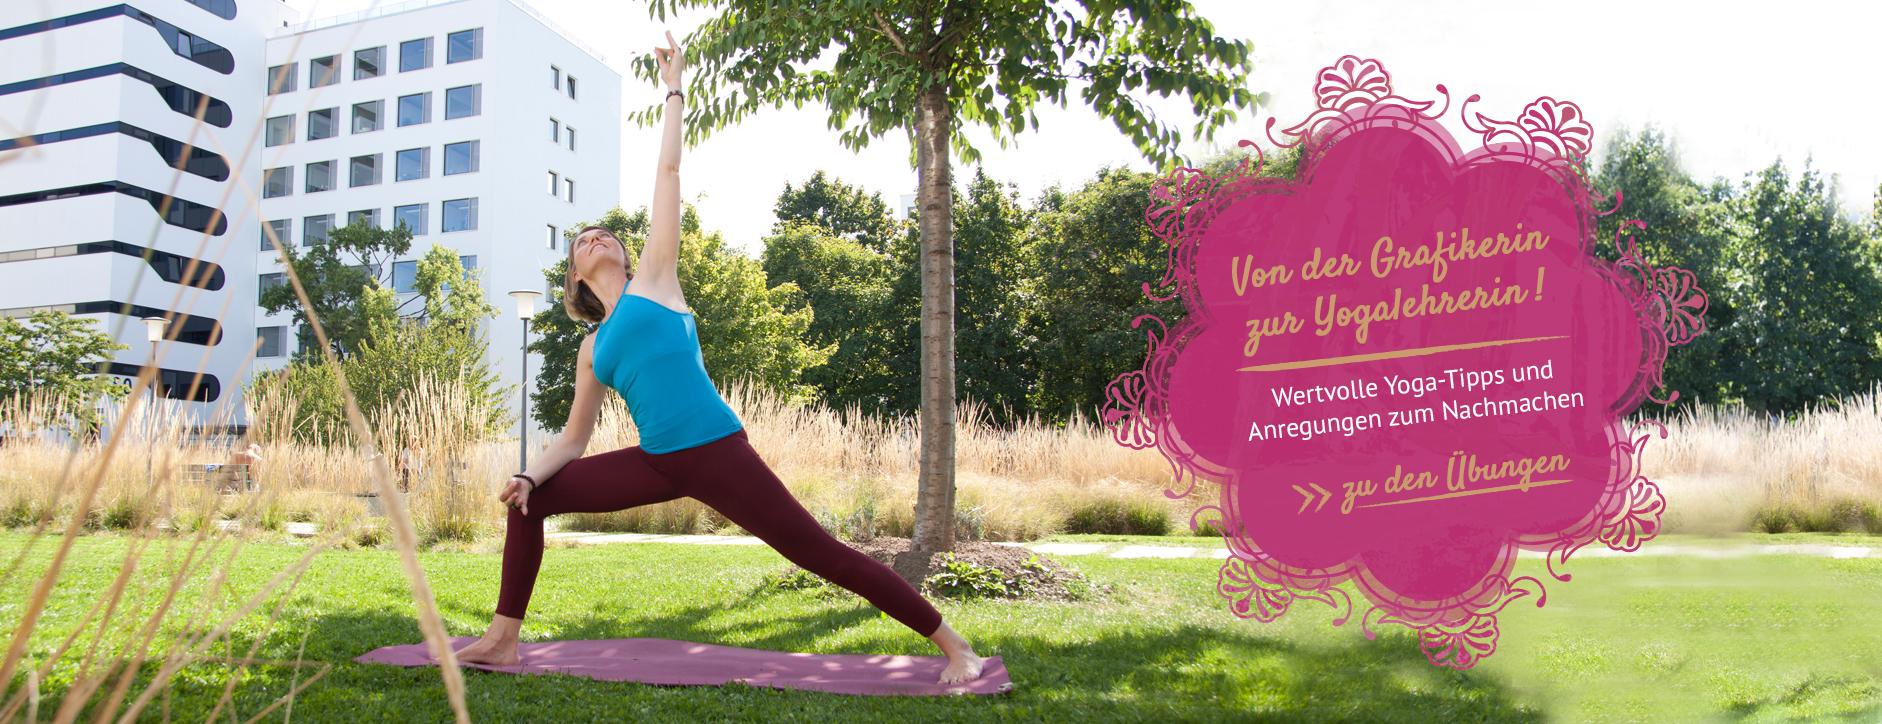 Yoga Artikel: Yoga-Übungen zum Nachmachen